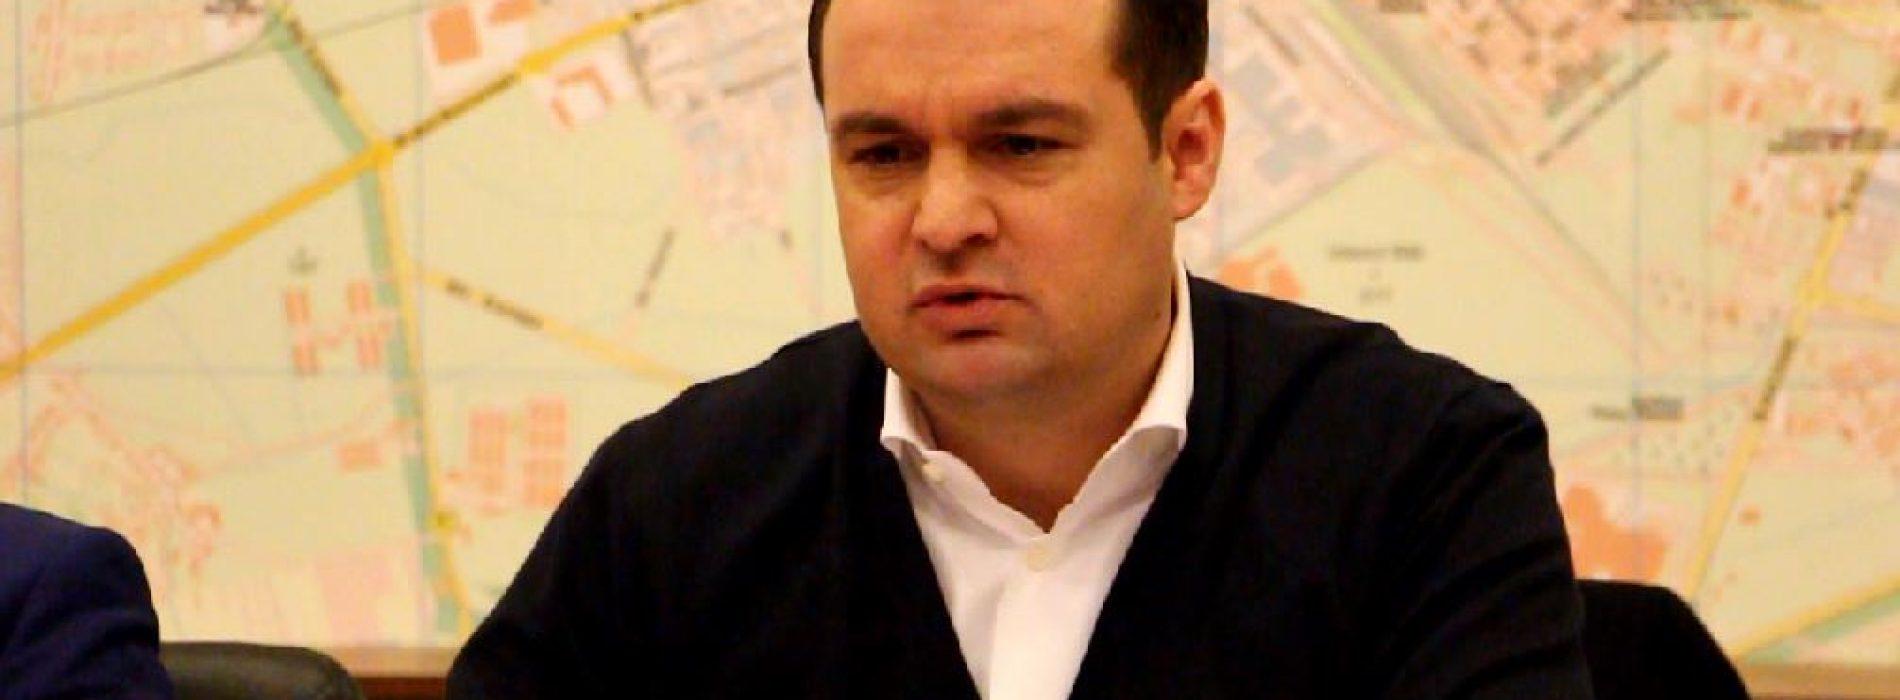 Integral VIDEO. DELIRUL lui Cătălin Cherecheș (II) – Nu se teme de Dragnea dar nici de …. Donald Trump!